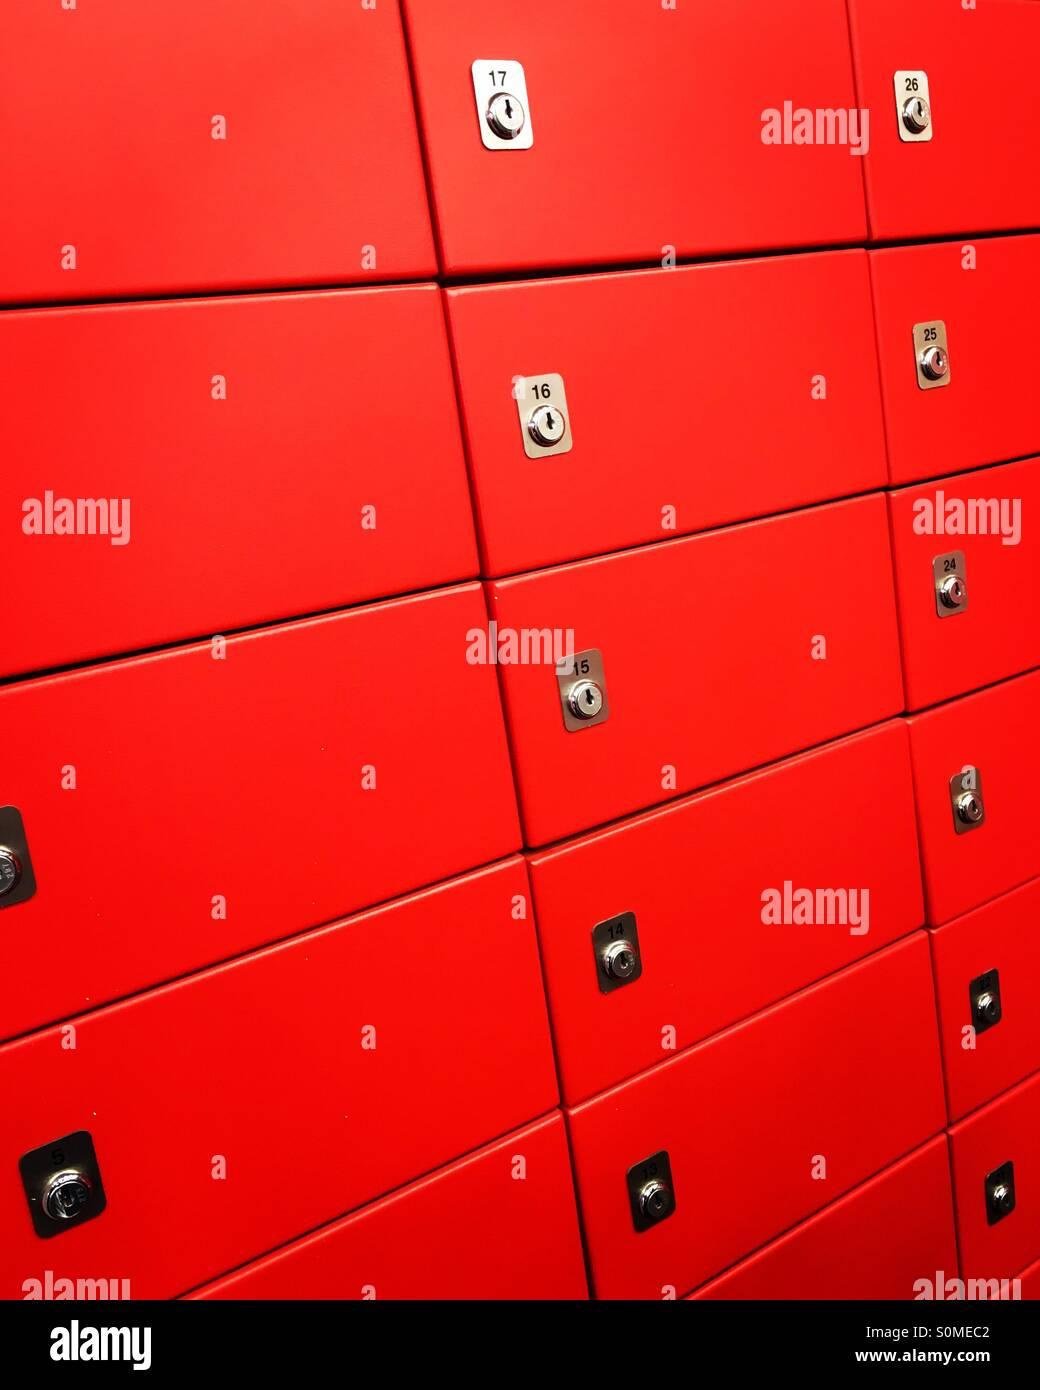 Cajas de seguridad roja numerada. Imagen De Stock